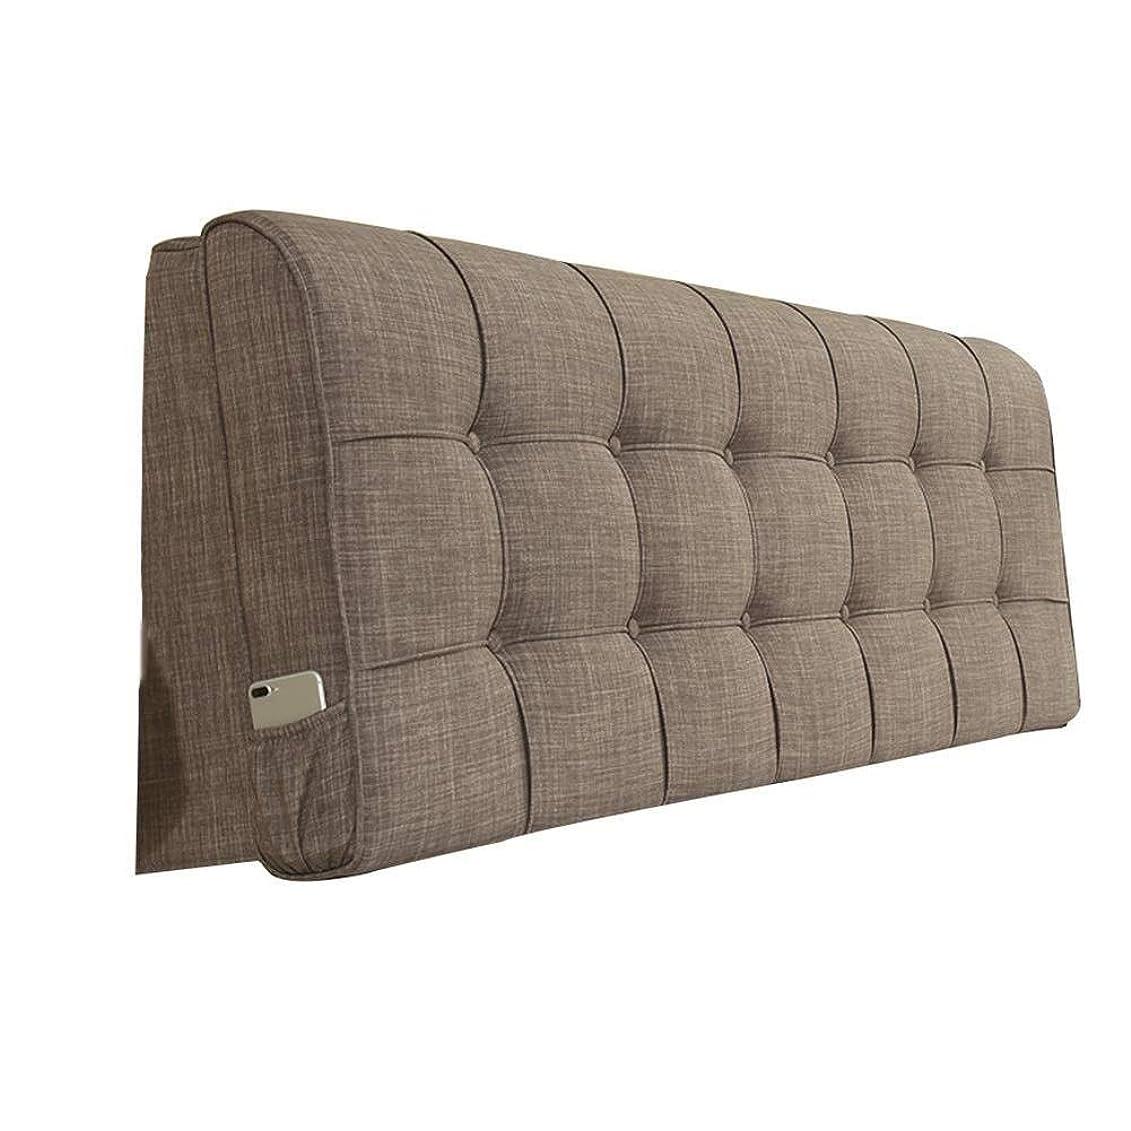 リアルガロンファッションNJYT ベッドのあと振れ止めのクッションの枕元の亜麻の大きいあと振れ止めの帯電防止取り外し可能および洗濯できる三次元ベッドのあと振れ止めの枕 (Color : Brown, Size : 90x10x58cm)